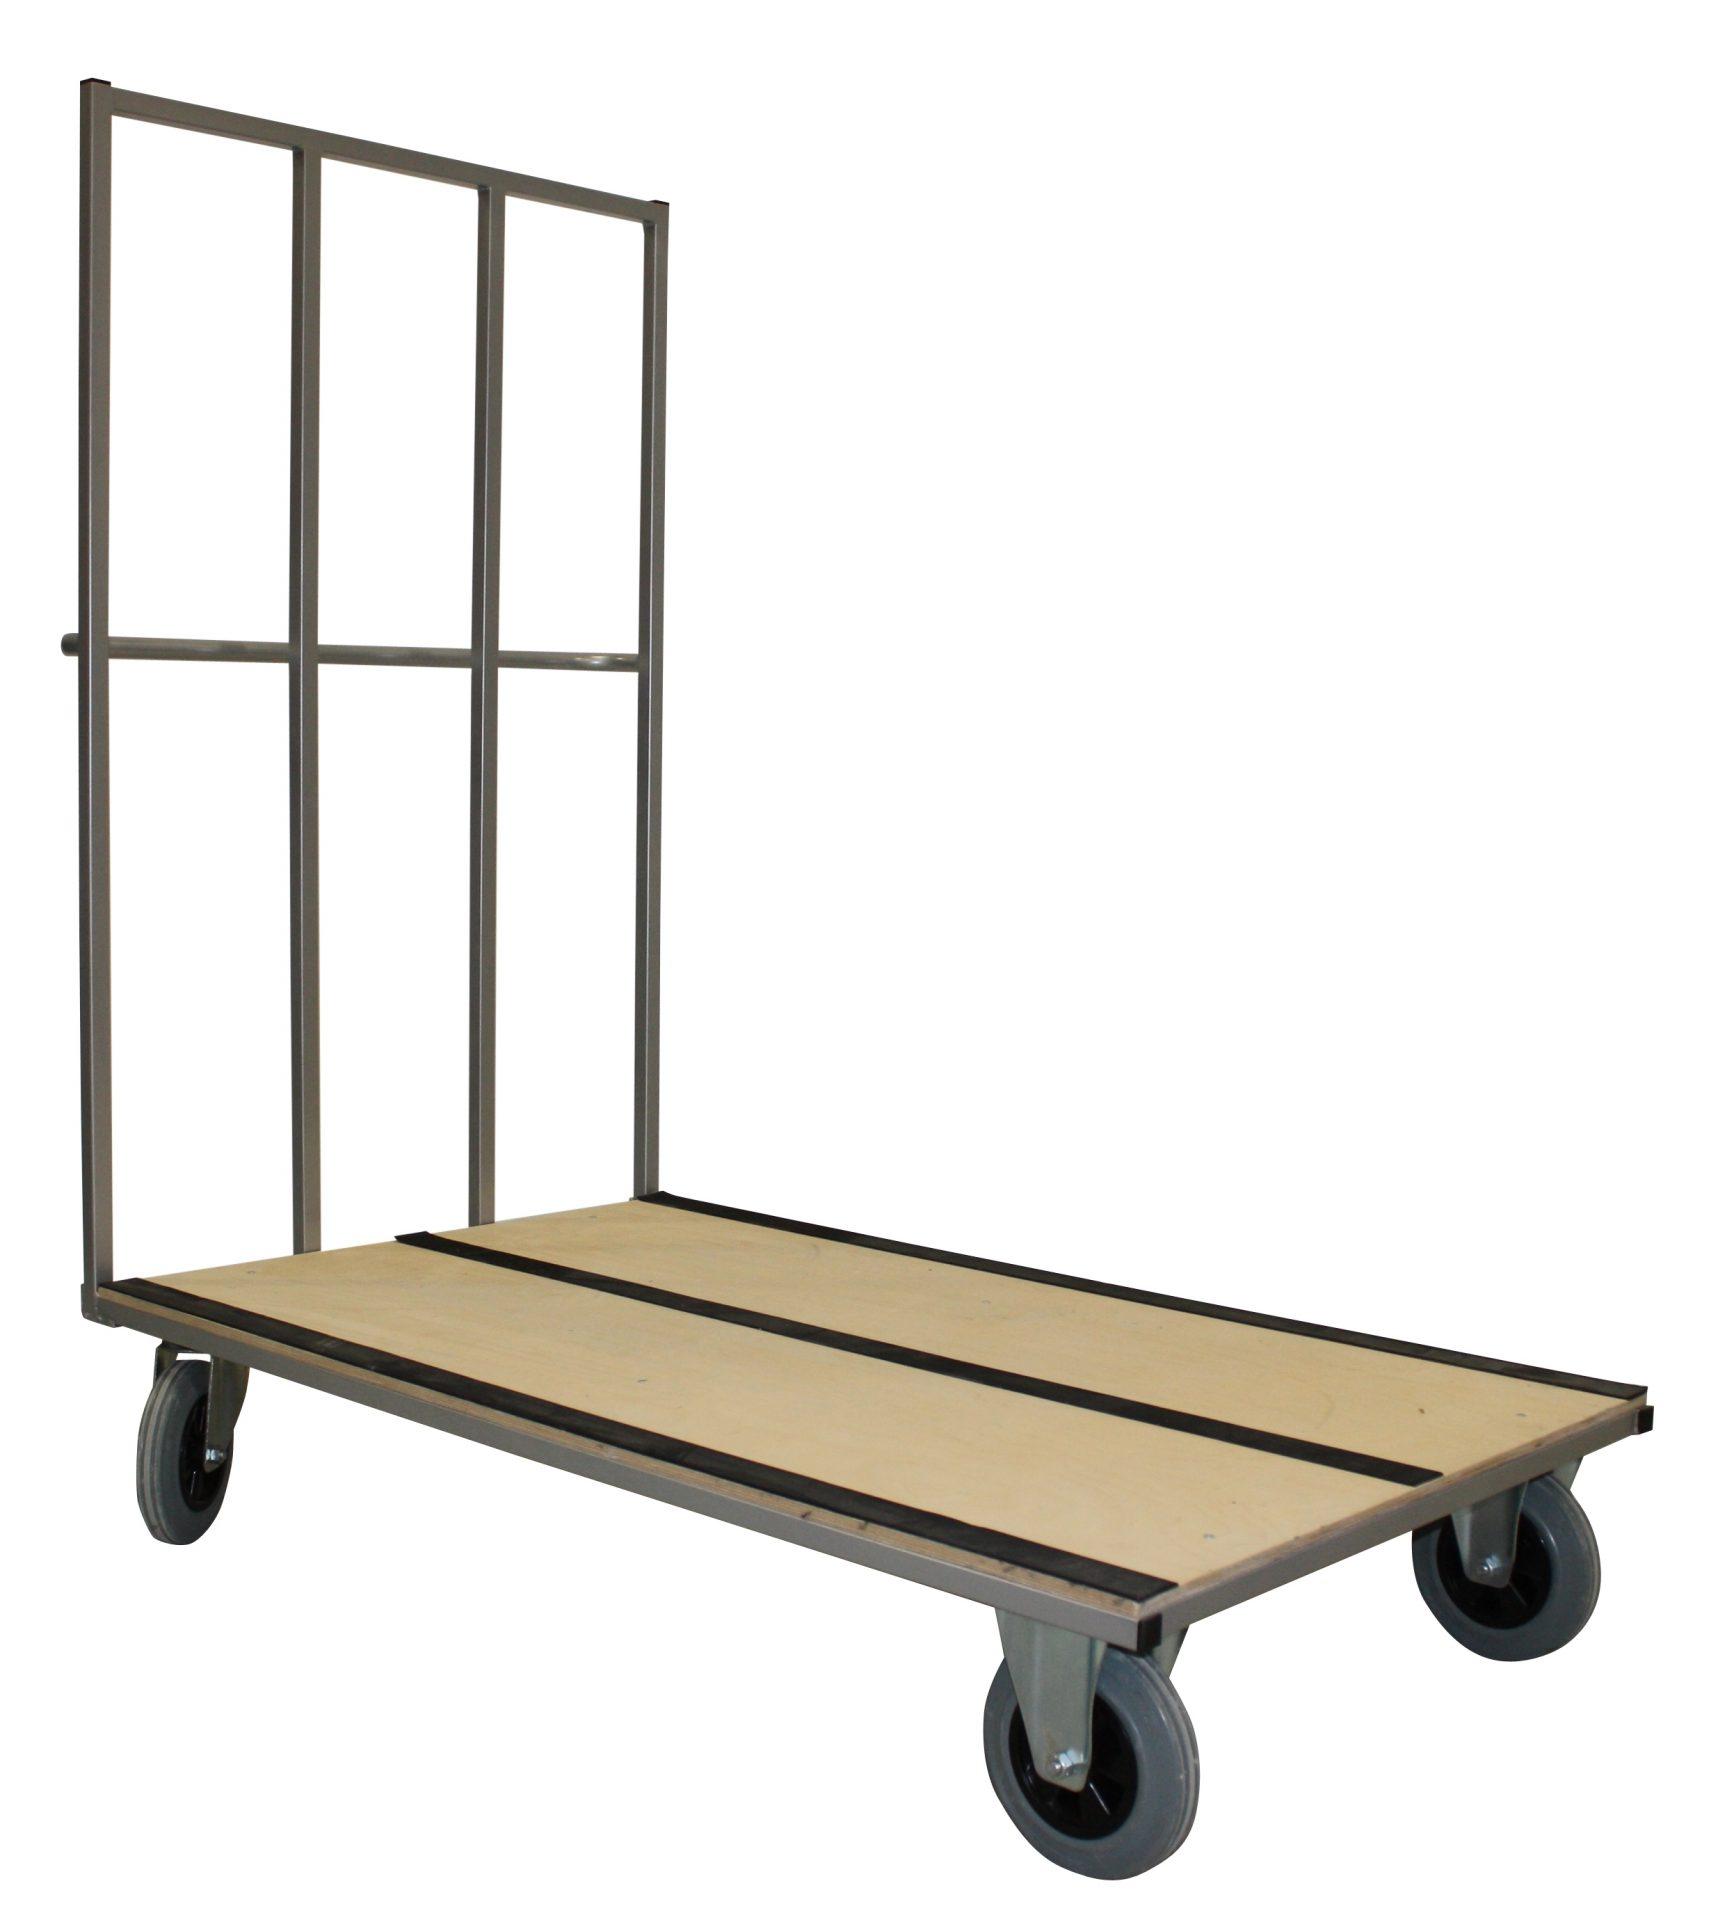 Bordvogn - kan laves i forskellige størrelser